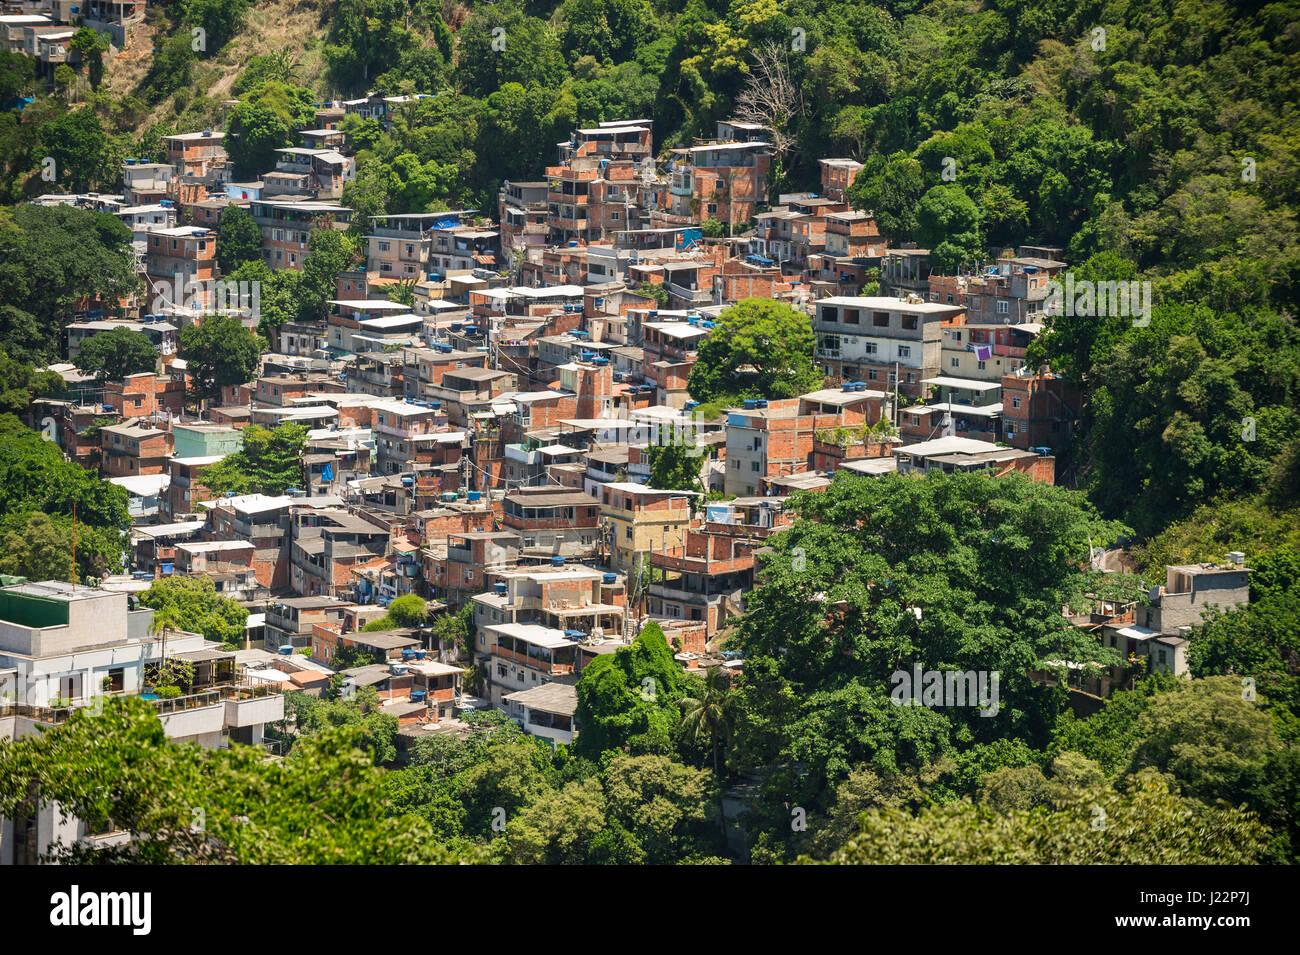 Hillside favela tugurio tomando la vegetación de una colina en Río de Janeiro, Brasil Foto de stock